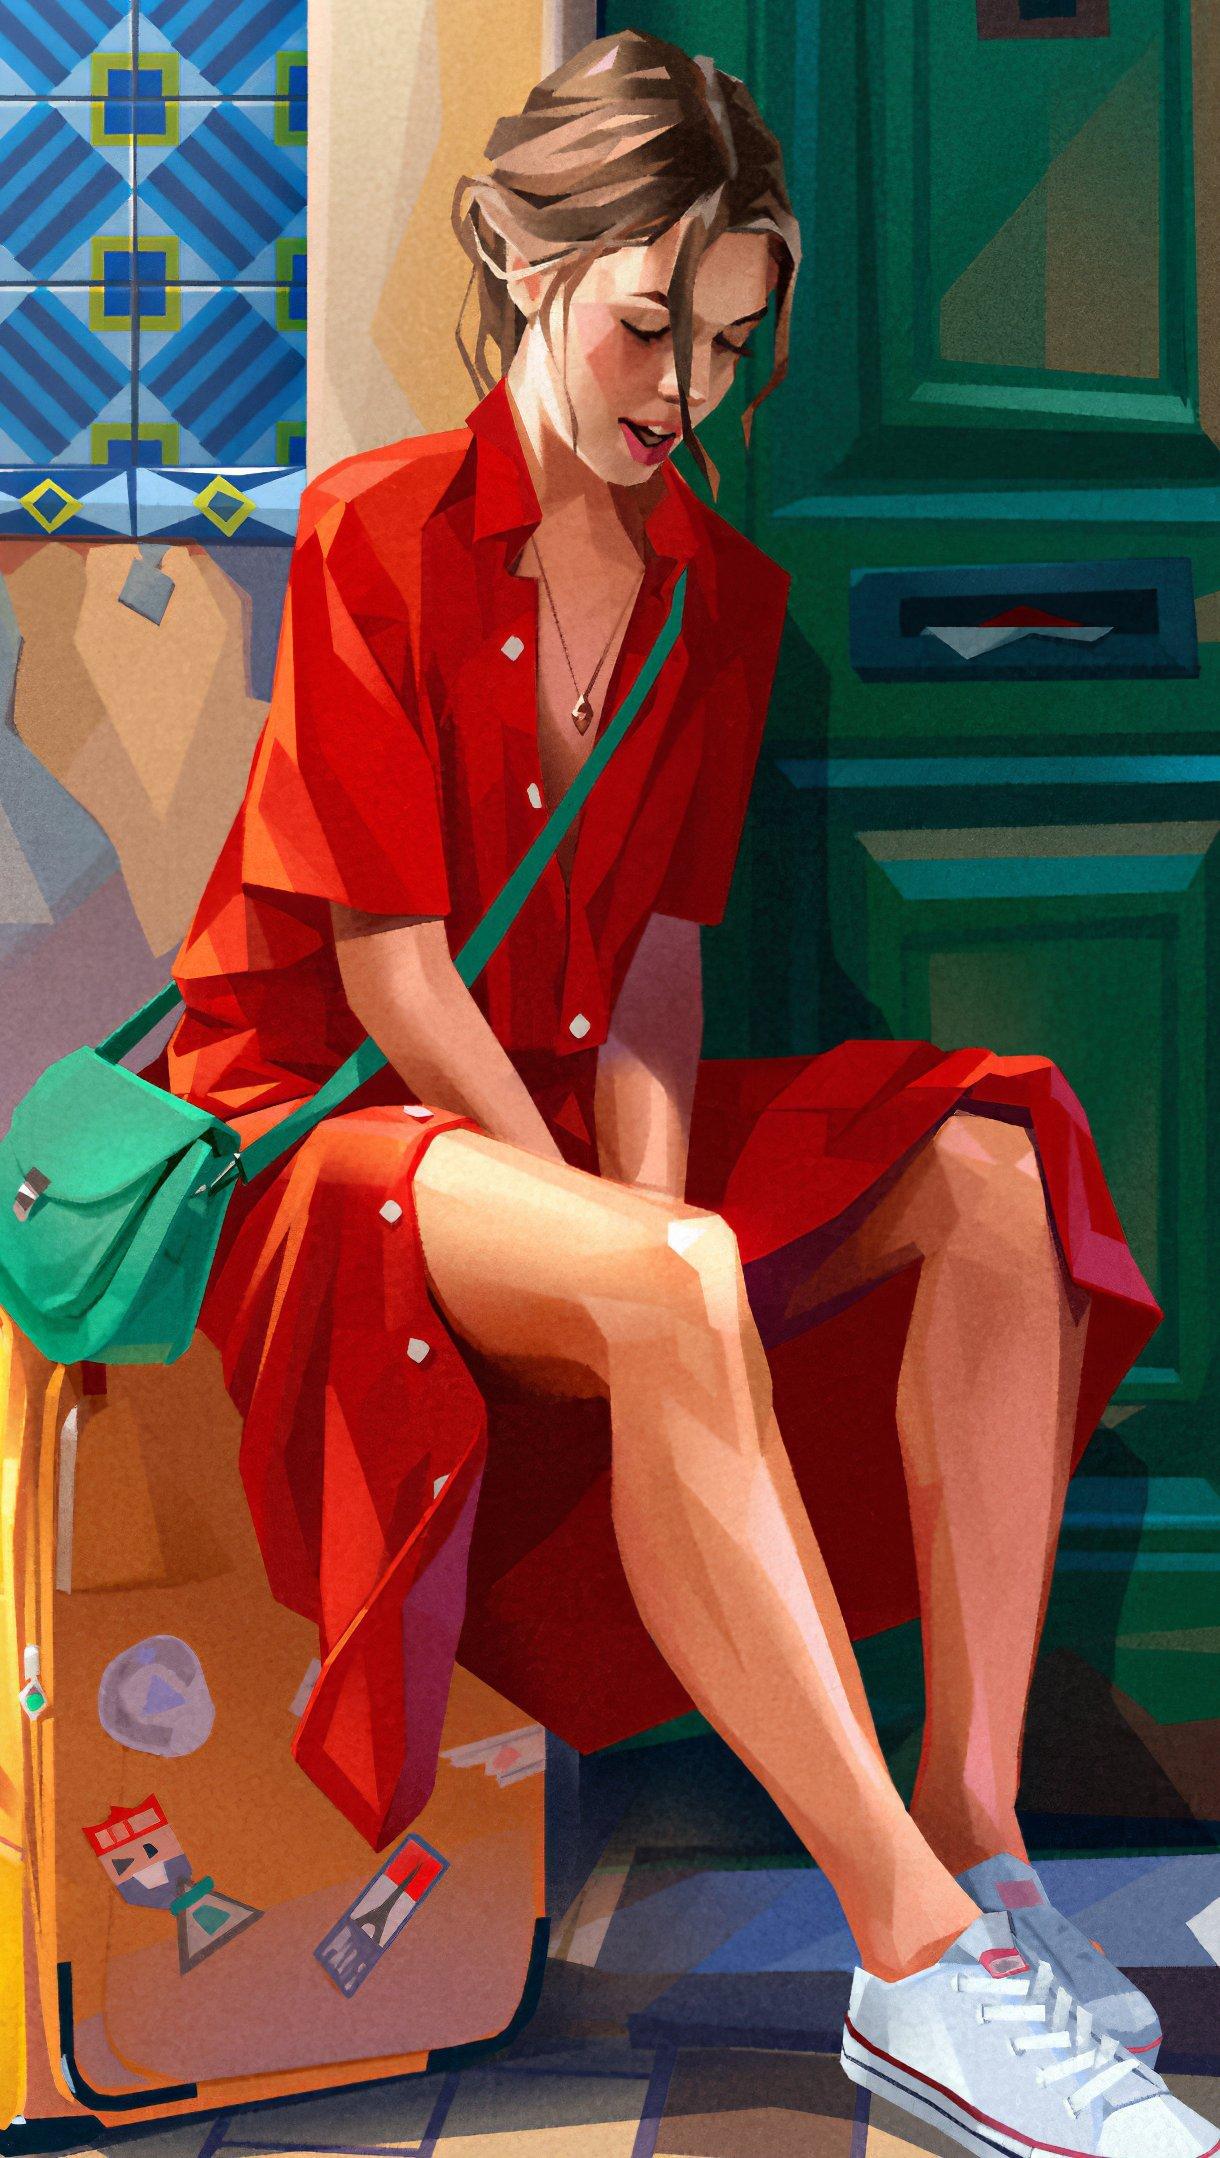 Fondos de pantalla Ilustración de una chica en vestido rojo Vertical